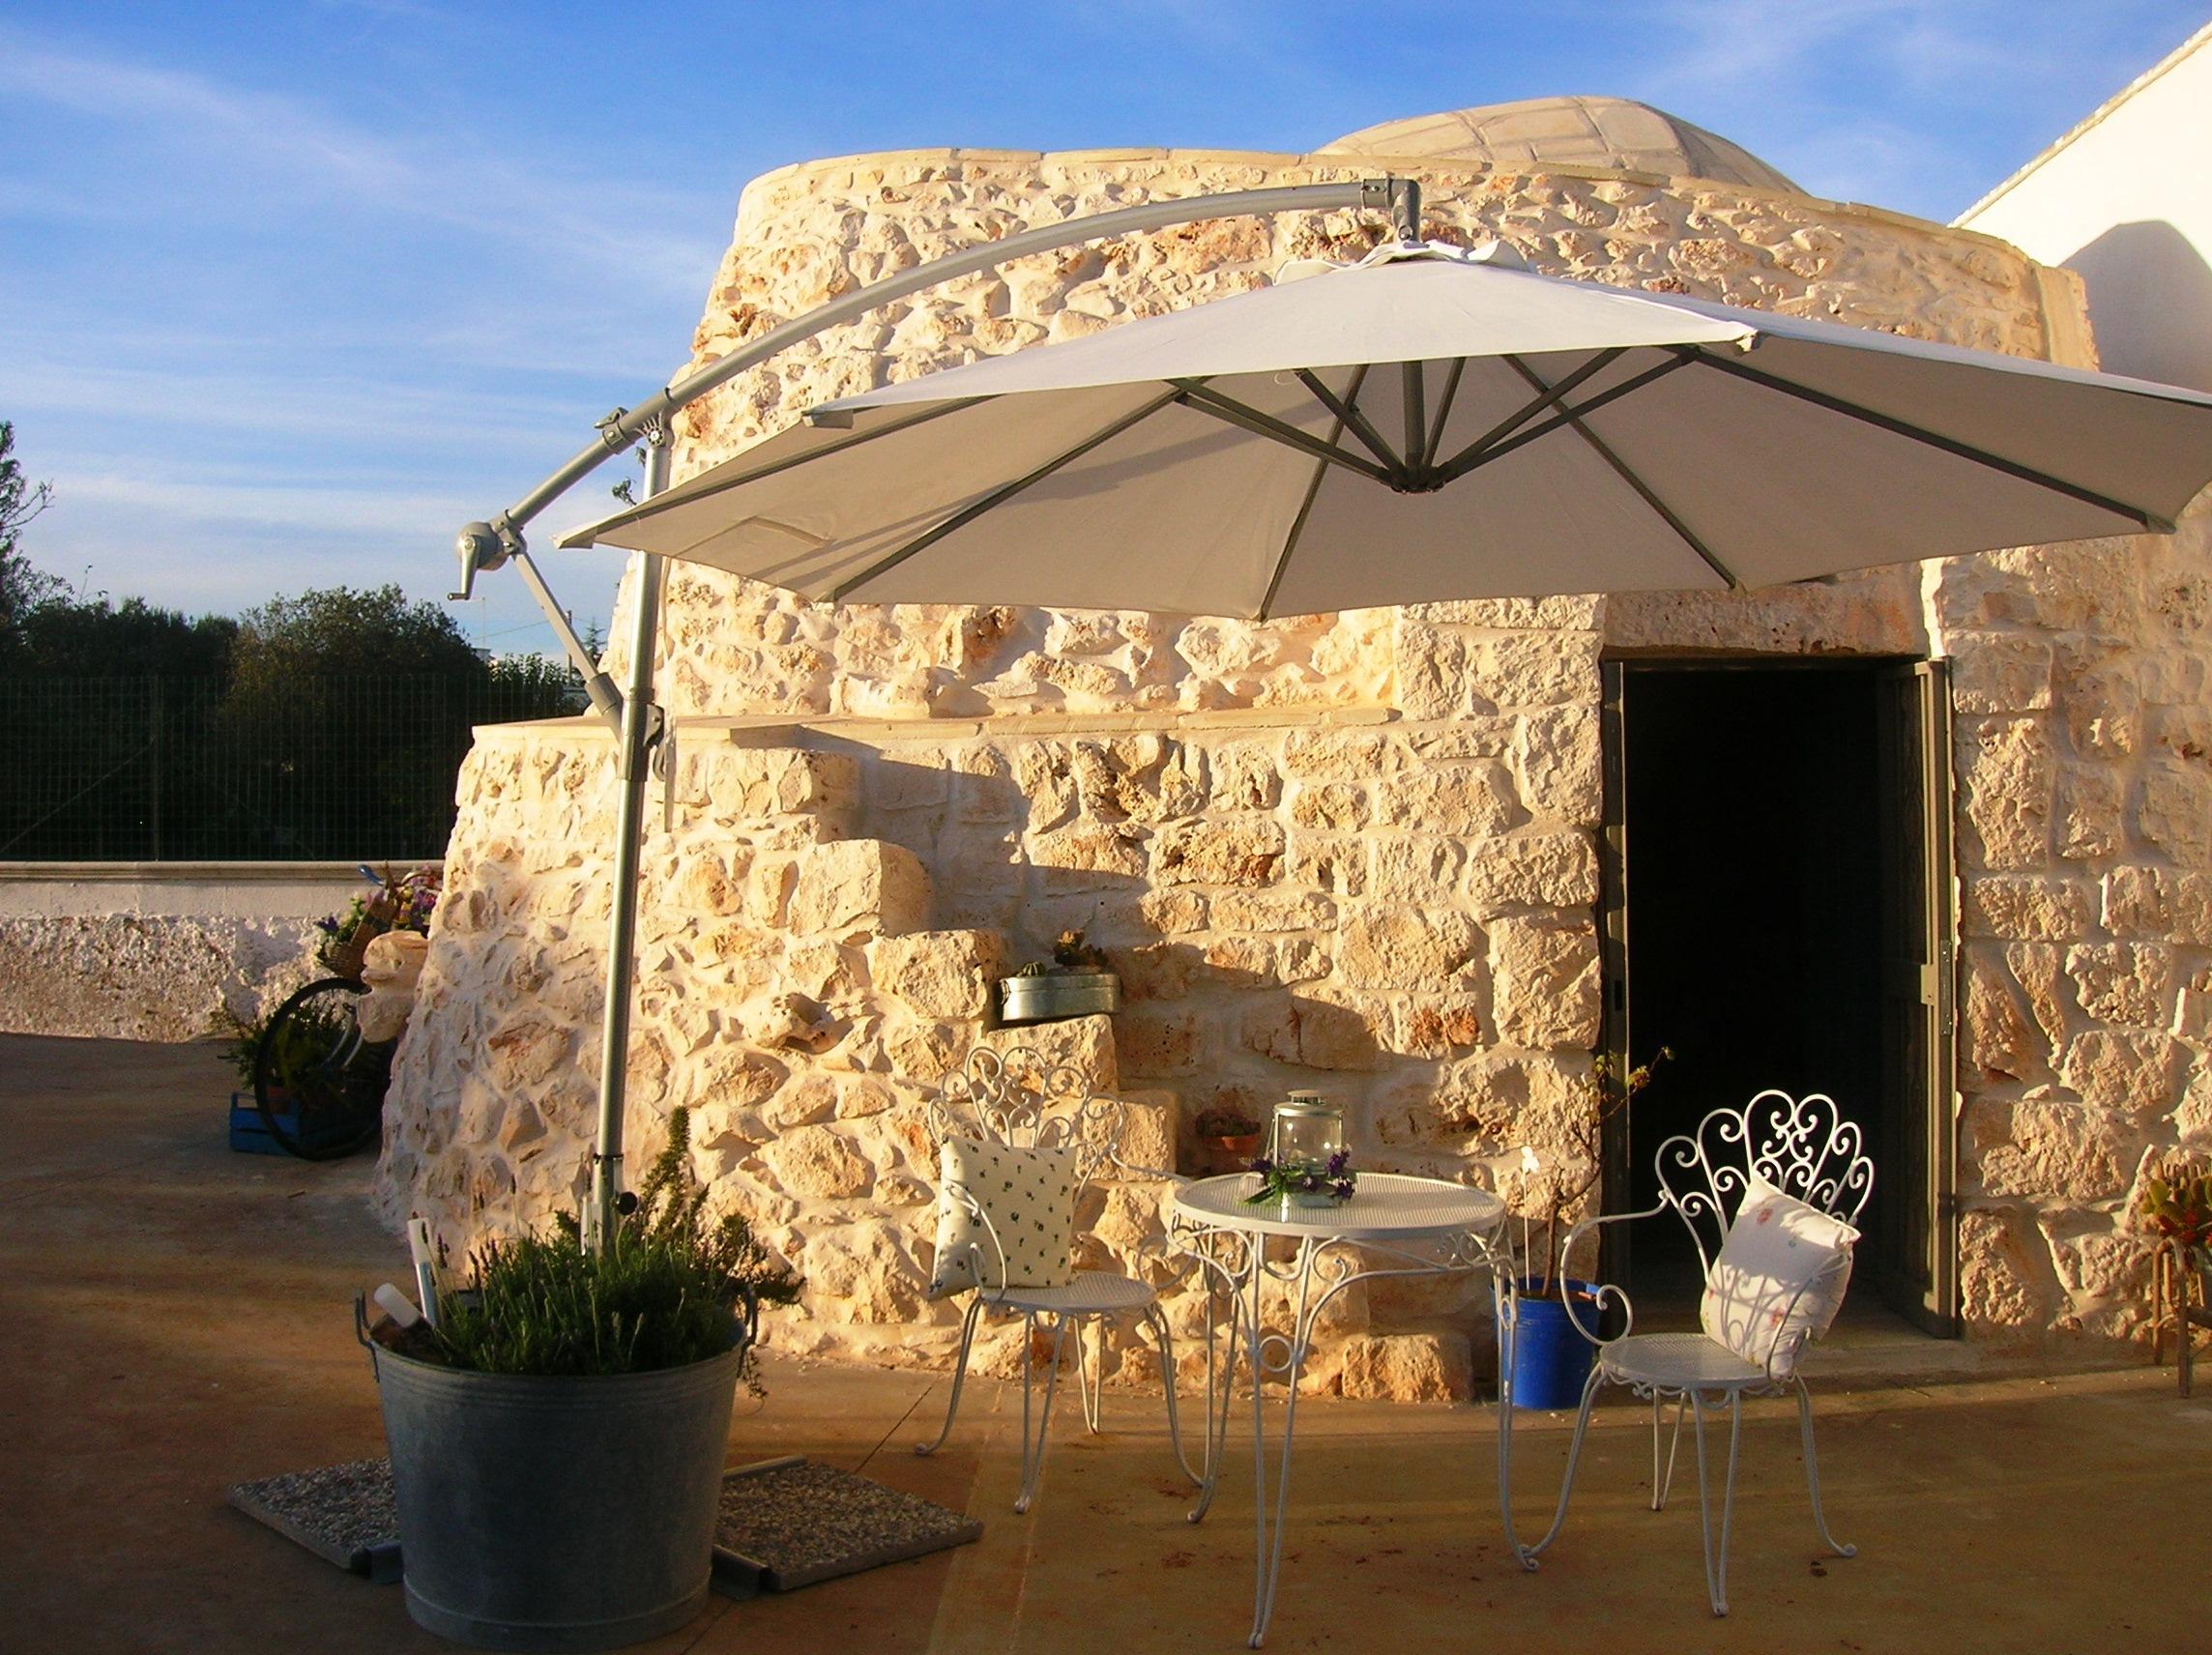 Vacanze in Trullo Puglia,Ostuni,Vacanze in Trullo Puglia,vacanza in trullo,trulli ostuni,trulli in affitto,salento,Alberobello,Locorotondo